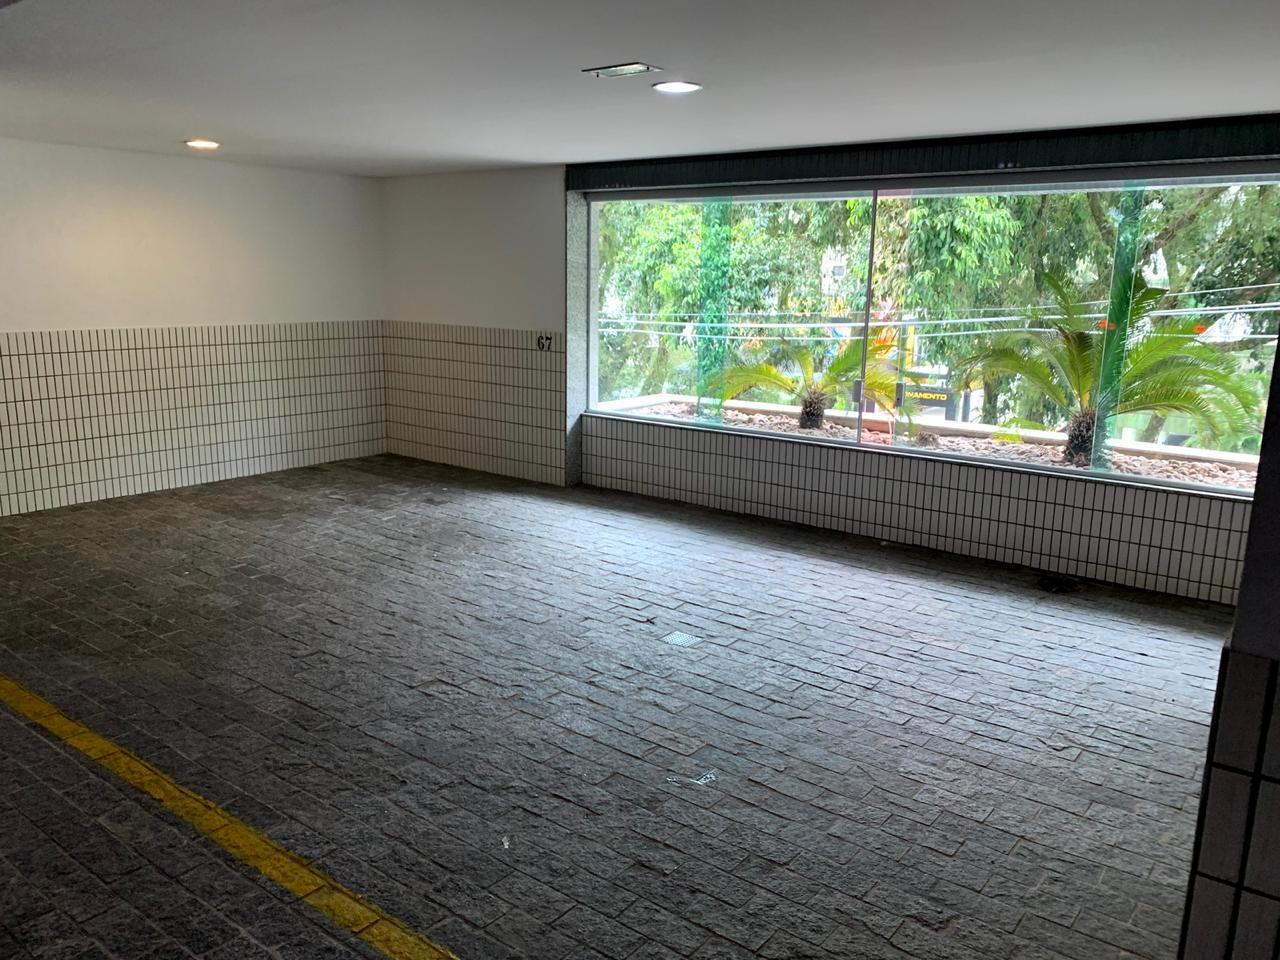 Excelente semi novo apartamento com 160m, uma quadra da Praia, Duas vagas de garagem, 3 suítes - foto 13